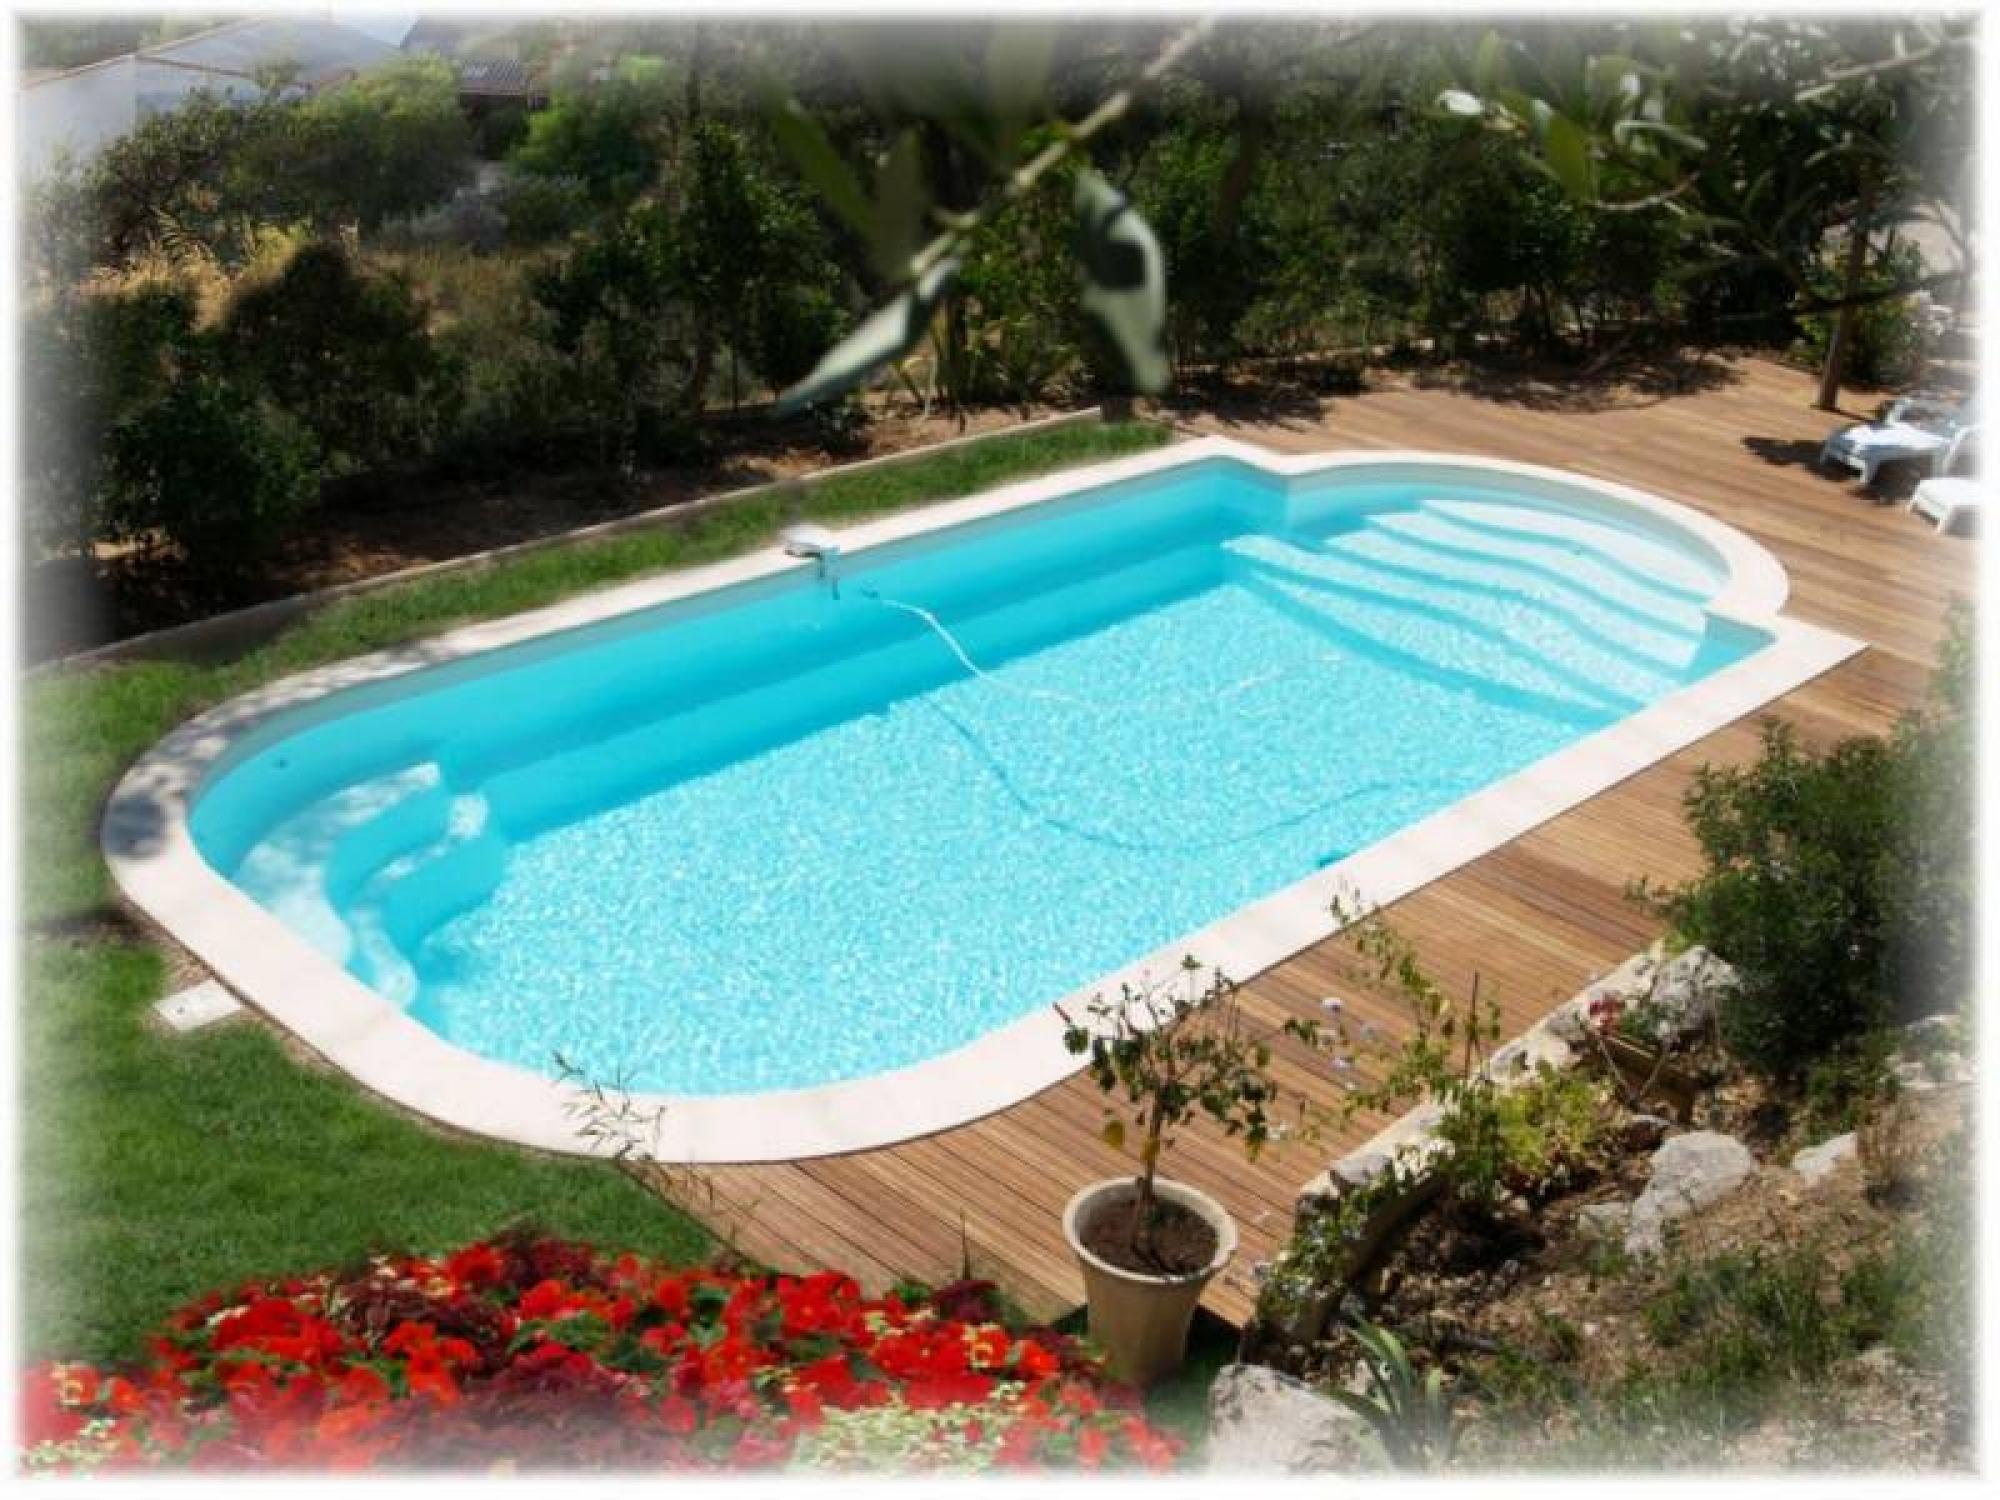 Création De Piscine Enterrée Sur Mesure Bergerac - Aquamag intérieur Acheter Une Piscine